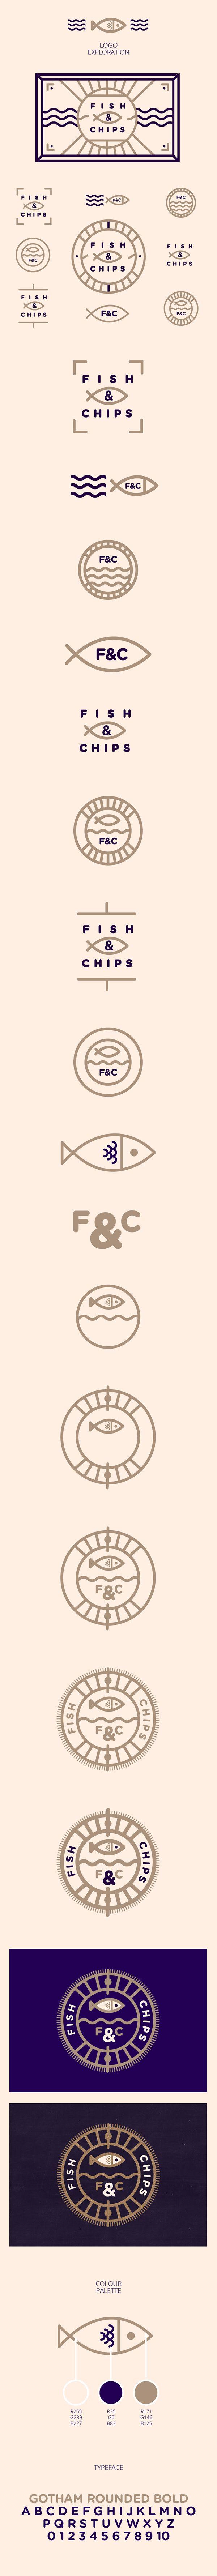 Everybody Loves Fish & Chips // Branding on Behance